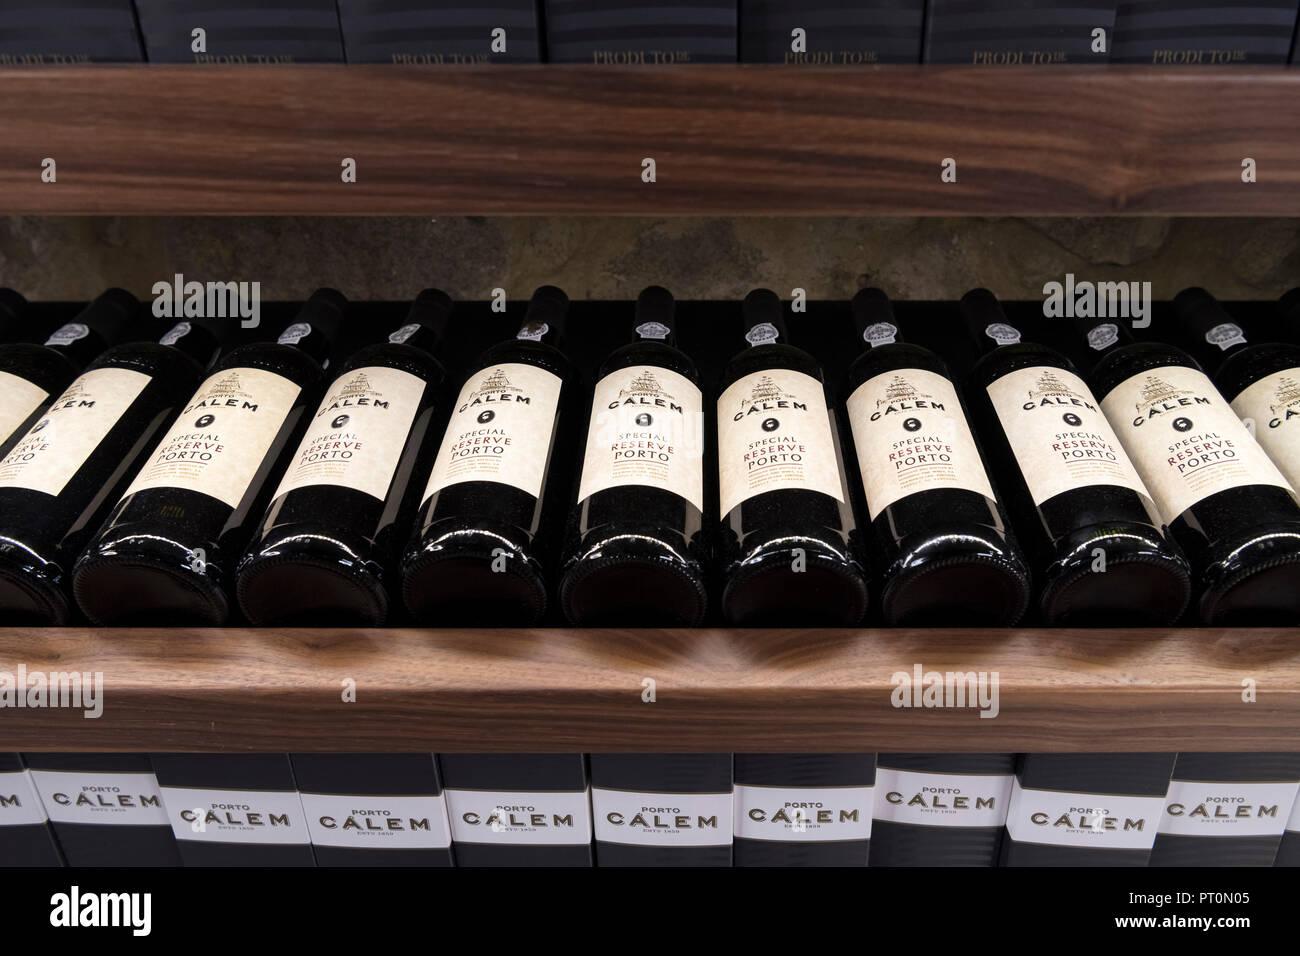 Special reserve port wine on sale at the store in the Porto Calem Wine Lodge, Vila Nova de Gaia, Porto, Portugal - Stock Image